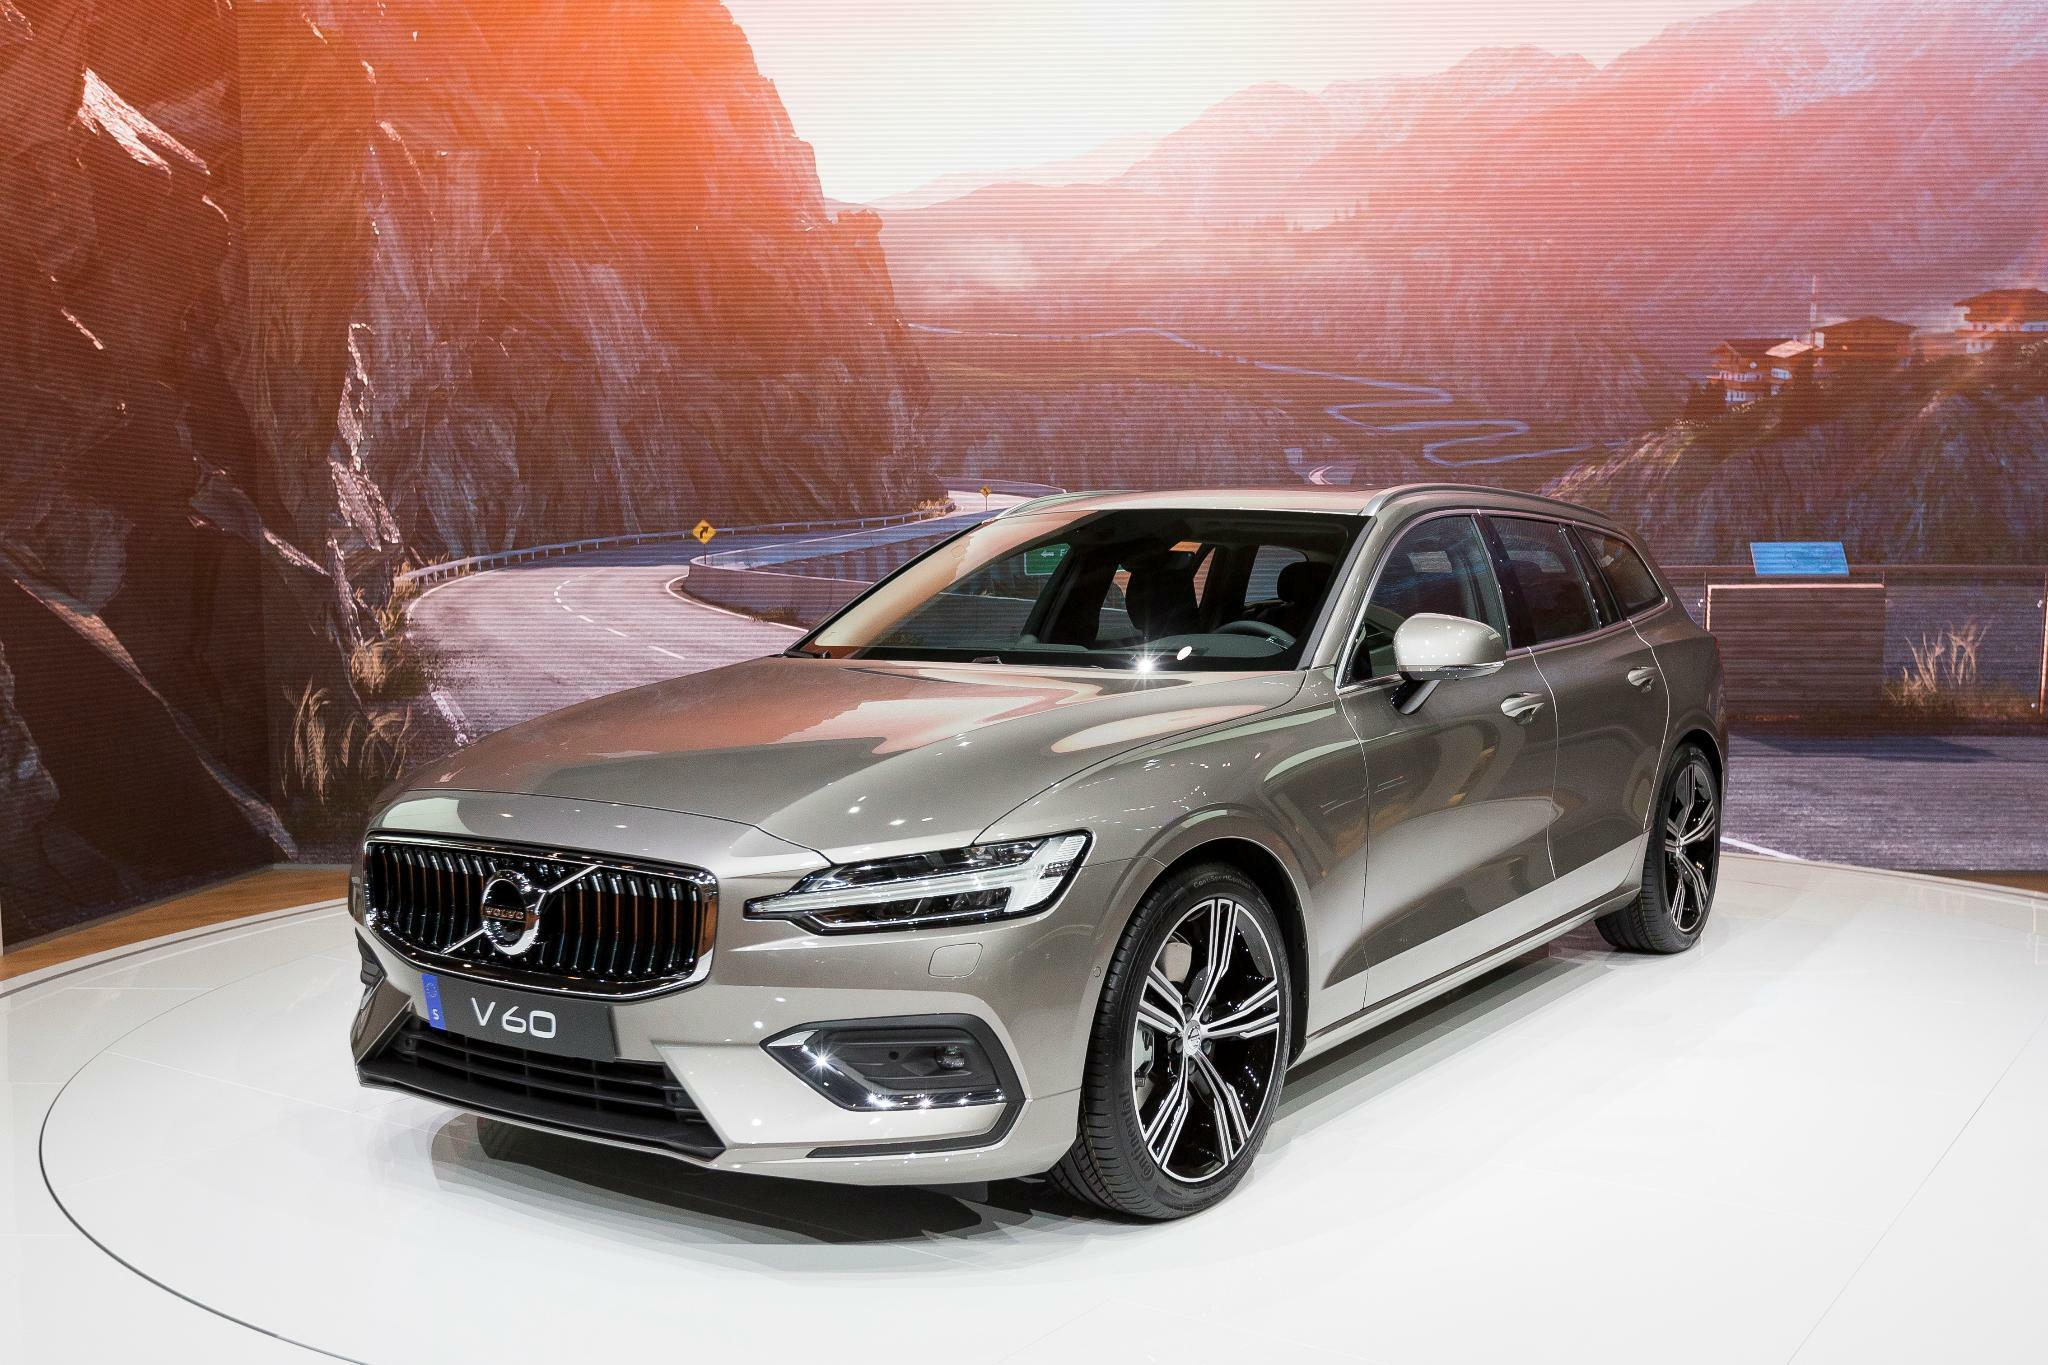 Volvo spart bei Entwicklung von Verbrennungsmotoren